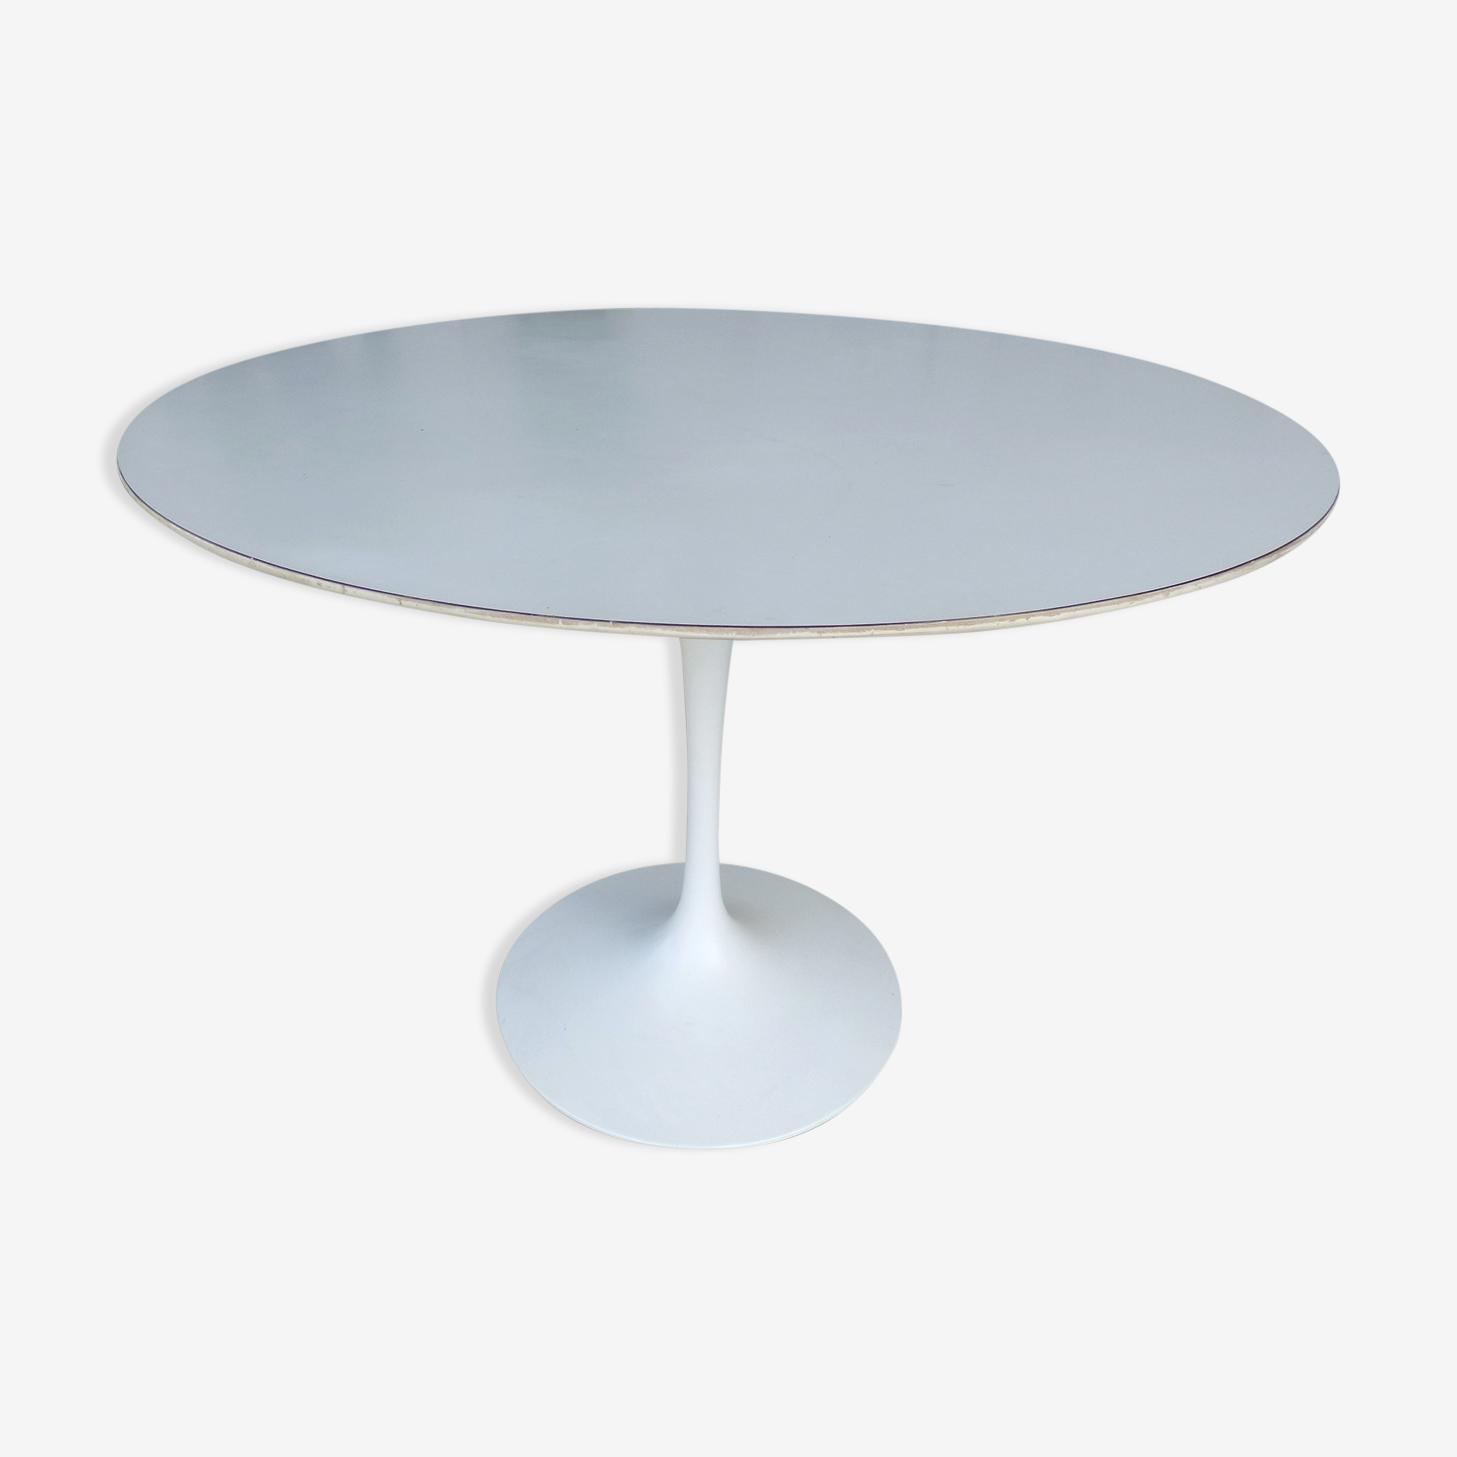 Tulip Table Knoll Eero Saarinen